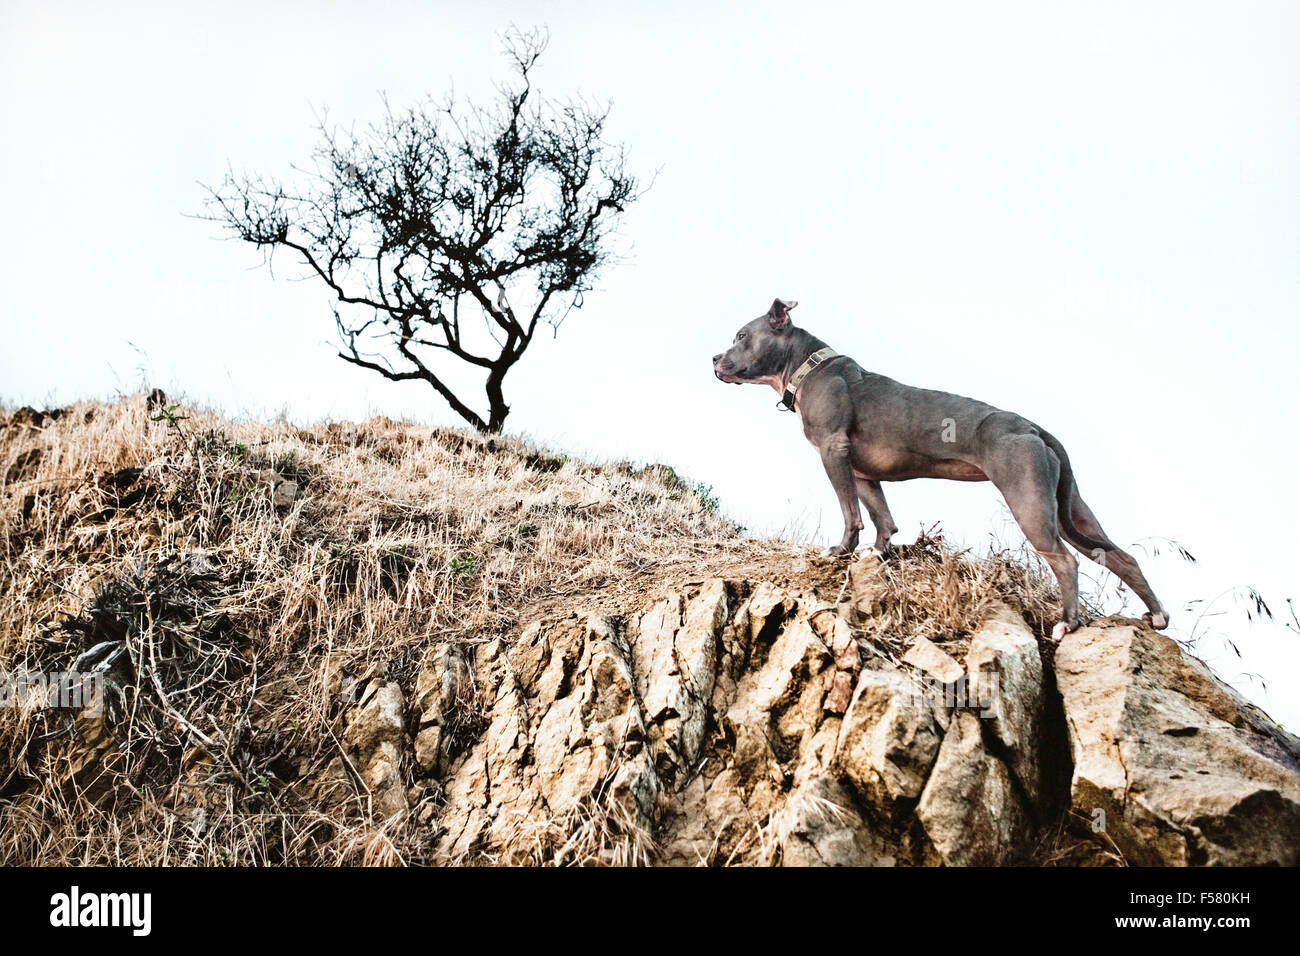 La posture héroïque d'un chien l'ascension d'une colline rocheuse à sec avec un seul Photo Stock